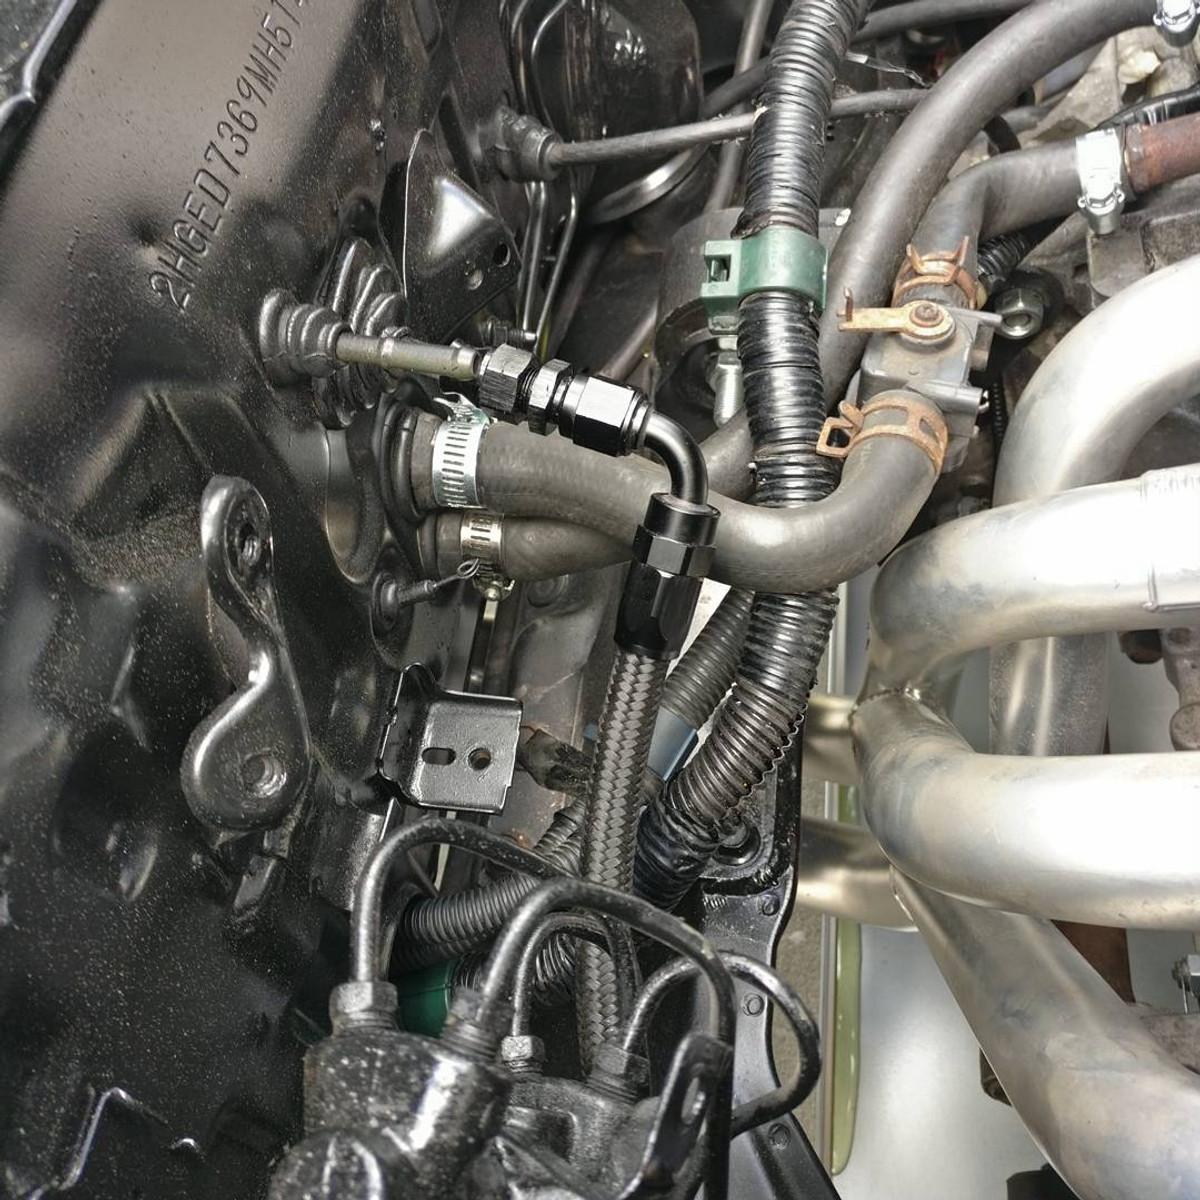 medium resolution of jbtuned ef da civic integra crx k swap fuel line kit